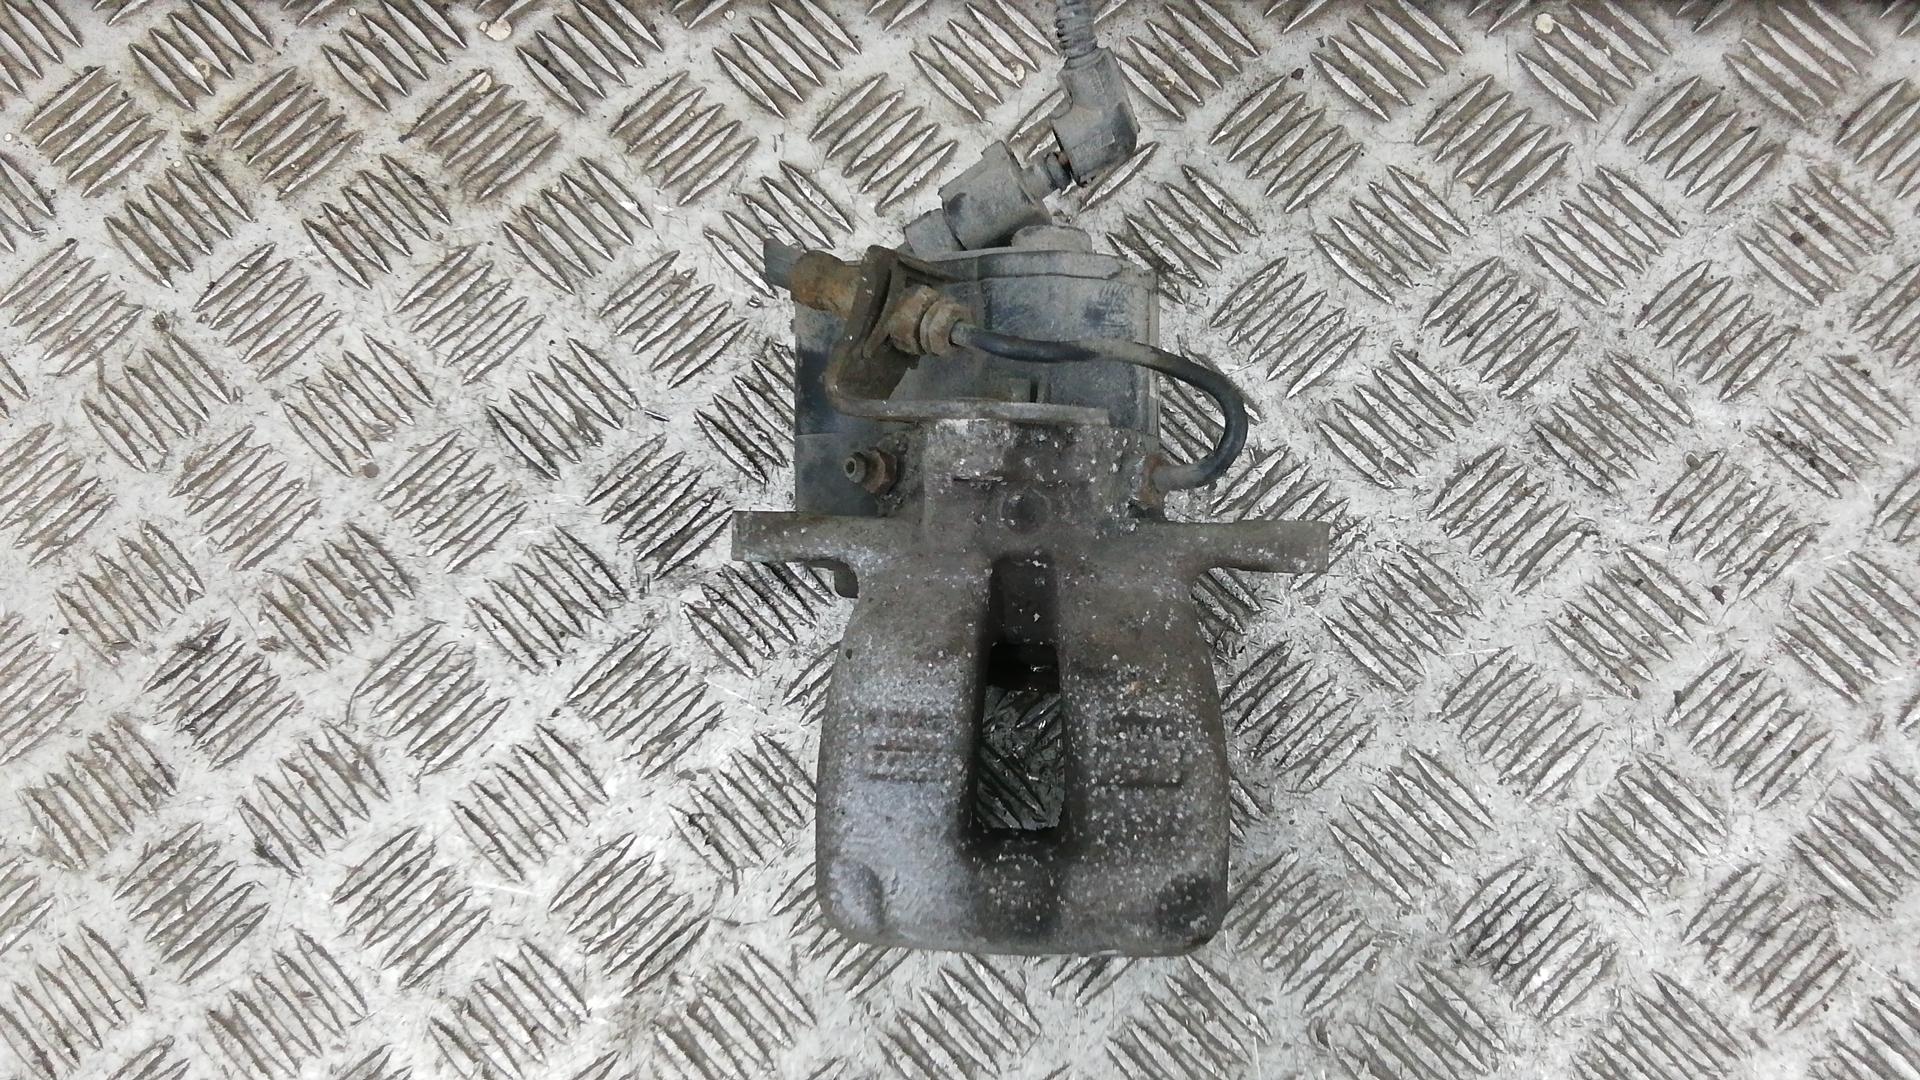 Суппорт тормозной задний правый, VOLKSWAGEN, PASSAT B6, 2005